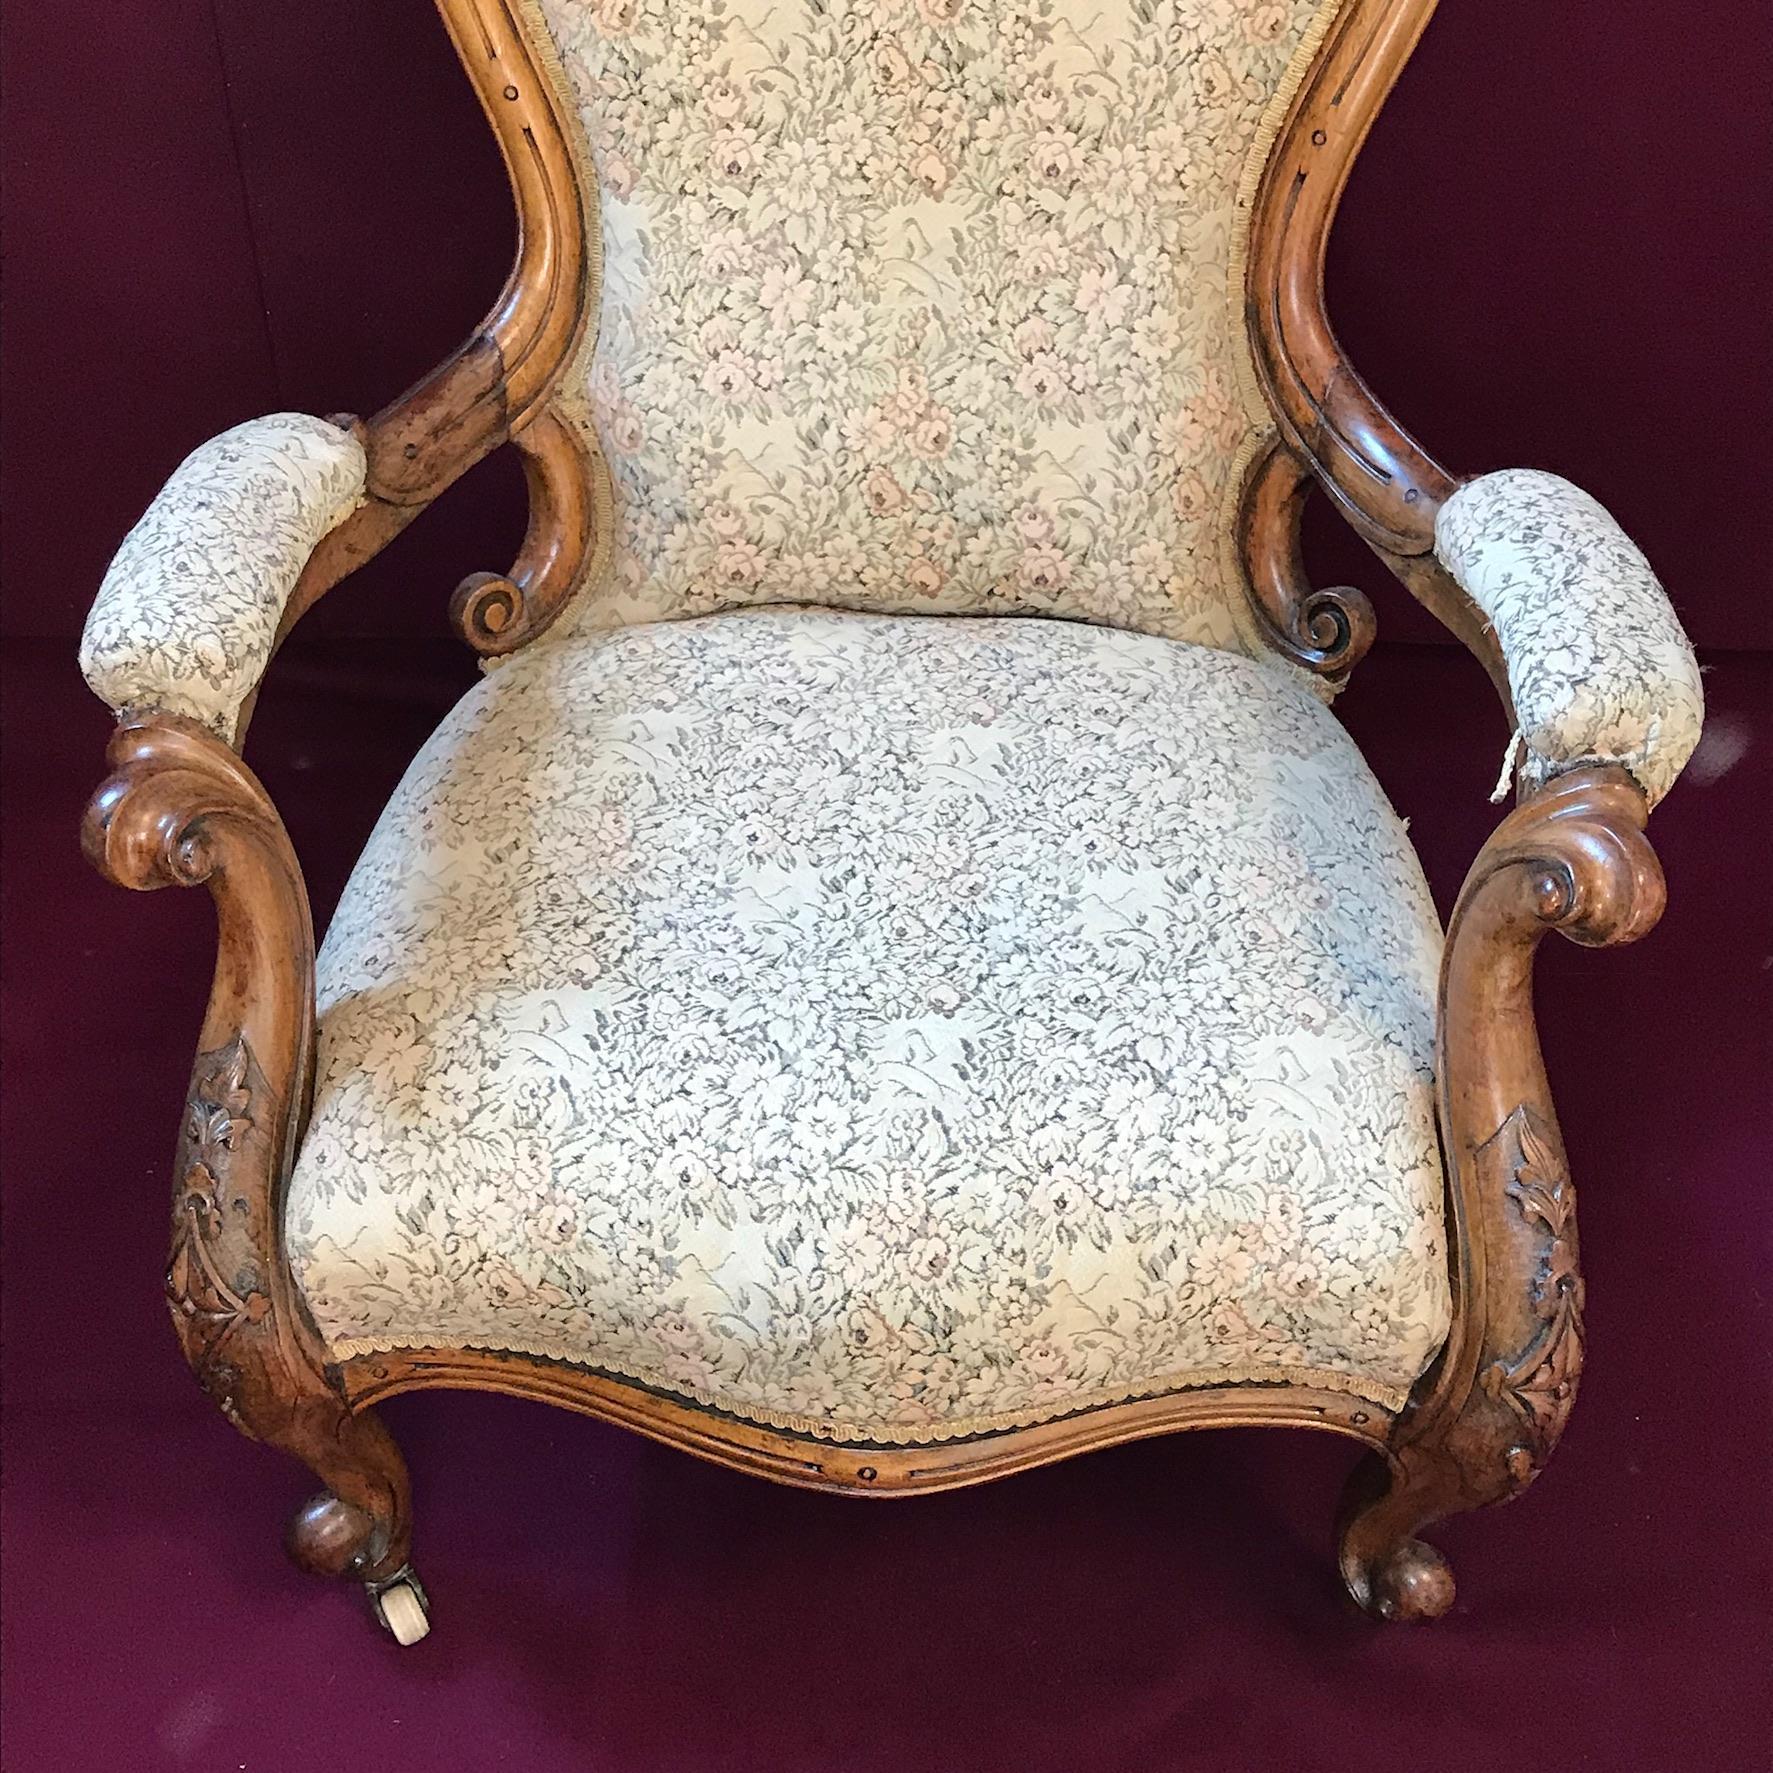 Victorian Gentlemans Walnut Armchair - Antique Chairs ...